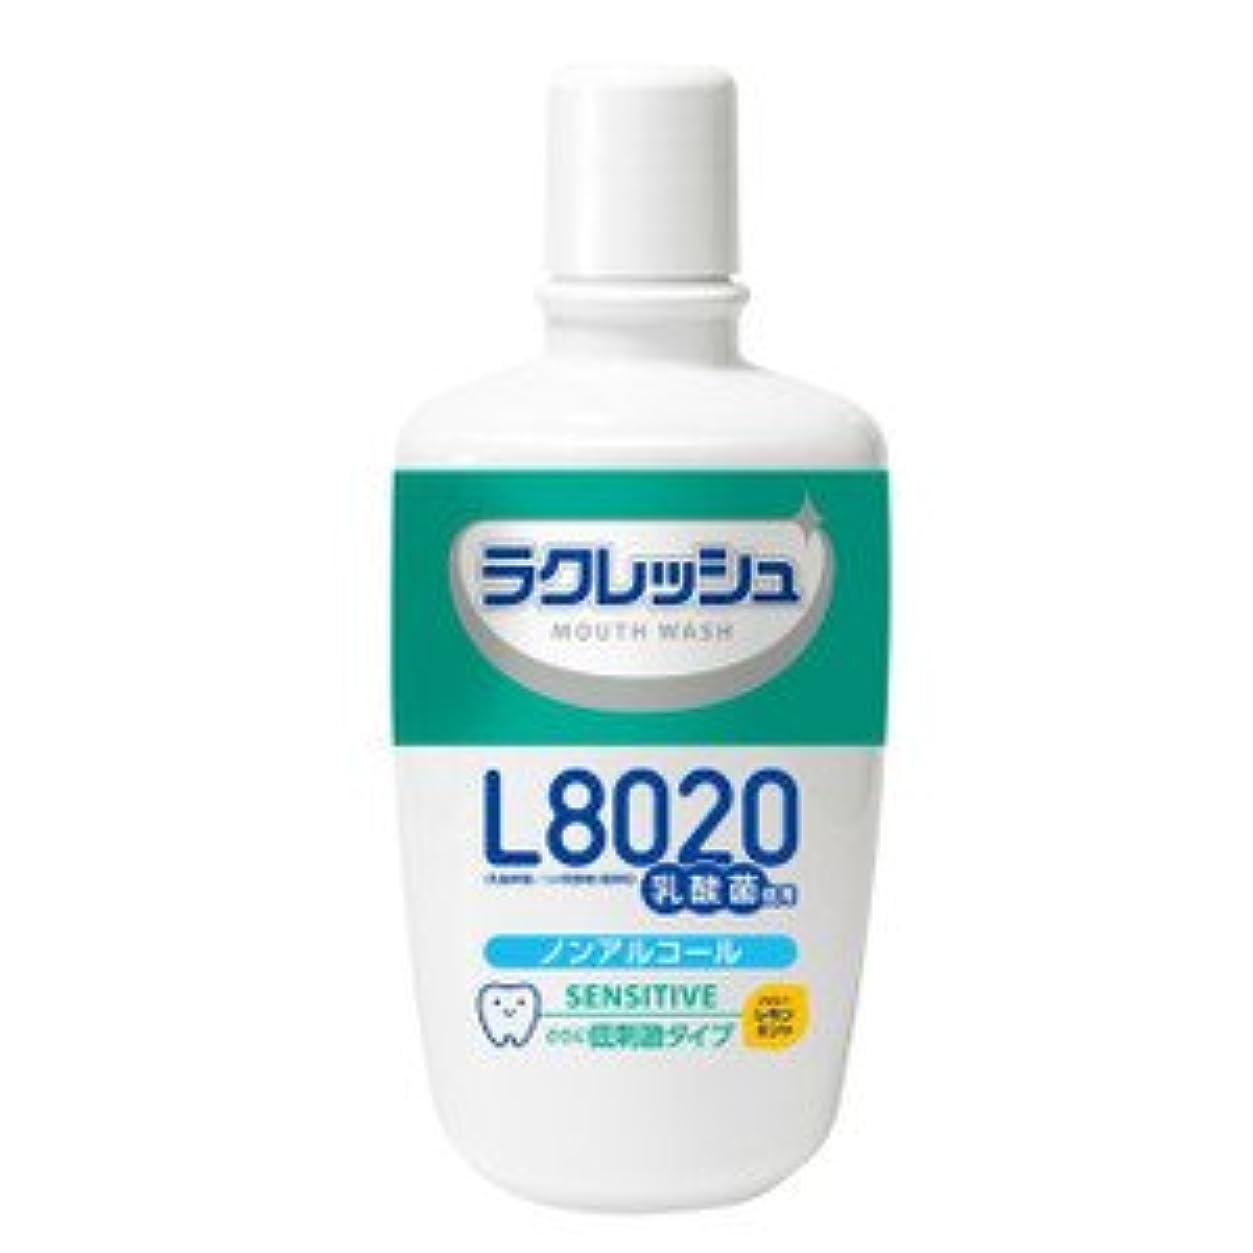 バックアップ隣接地図ジェクス ラクレッシュ L8020乳酸菌 マウスウォッシュ 洗口液センシティブタイプ 300ml×10個セット